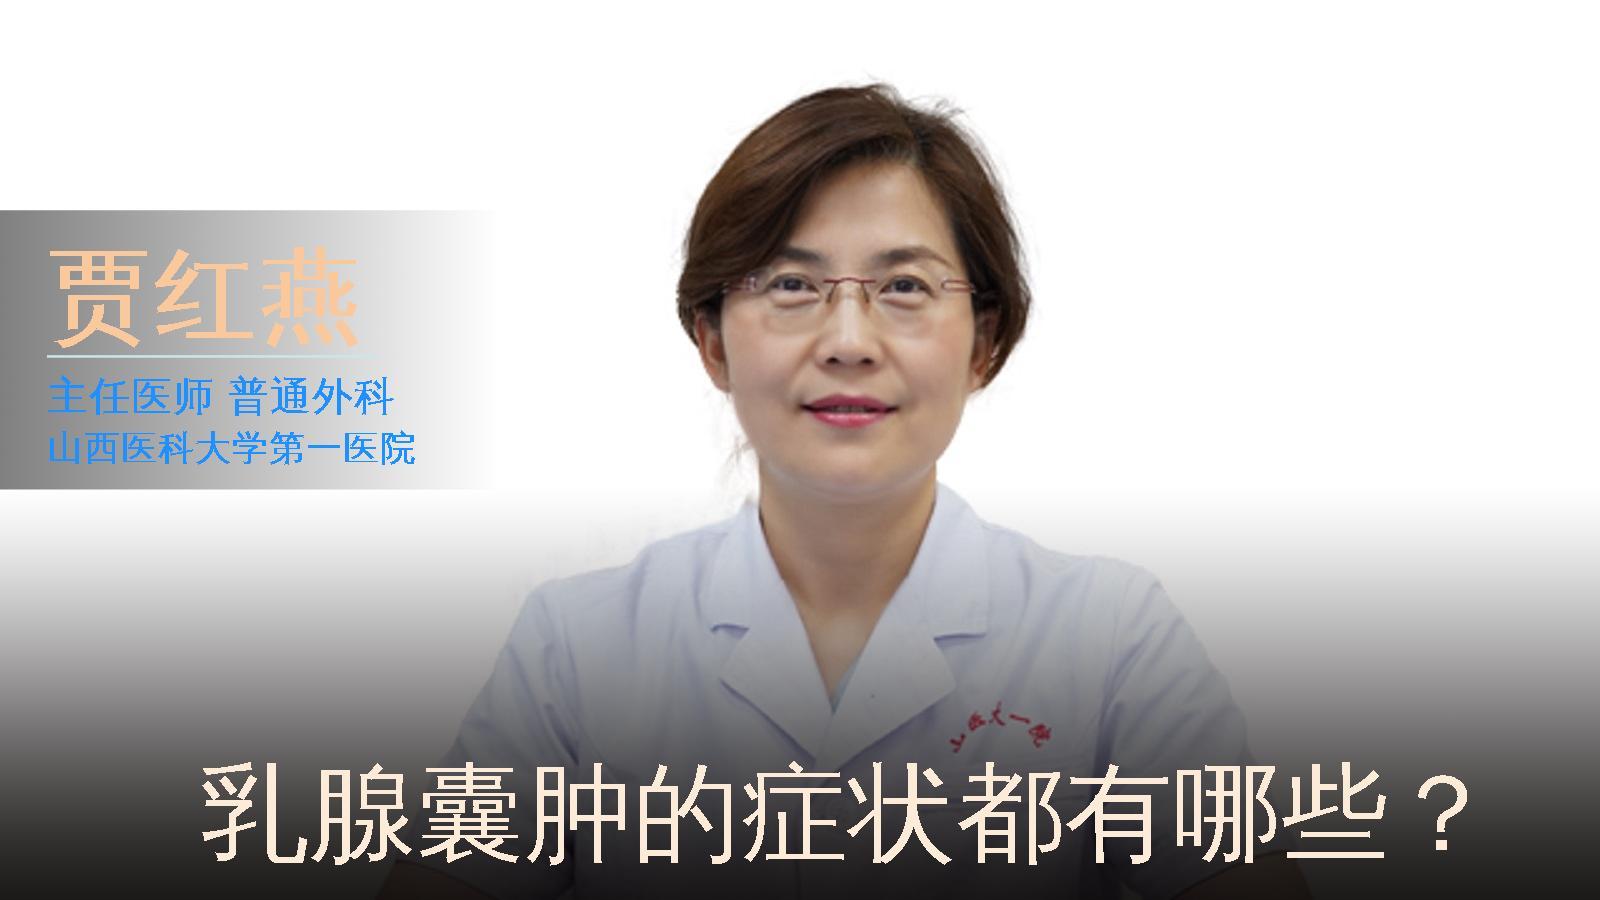 乳腺囊肿的症状都有哪些?